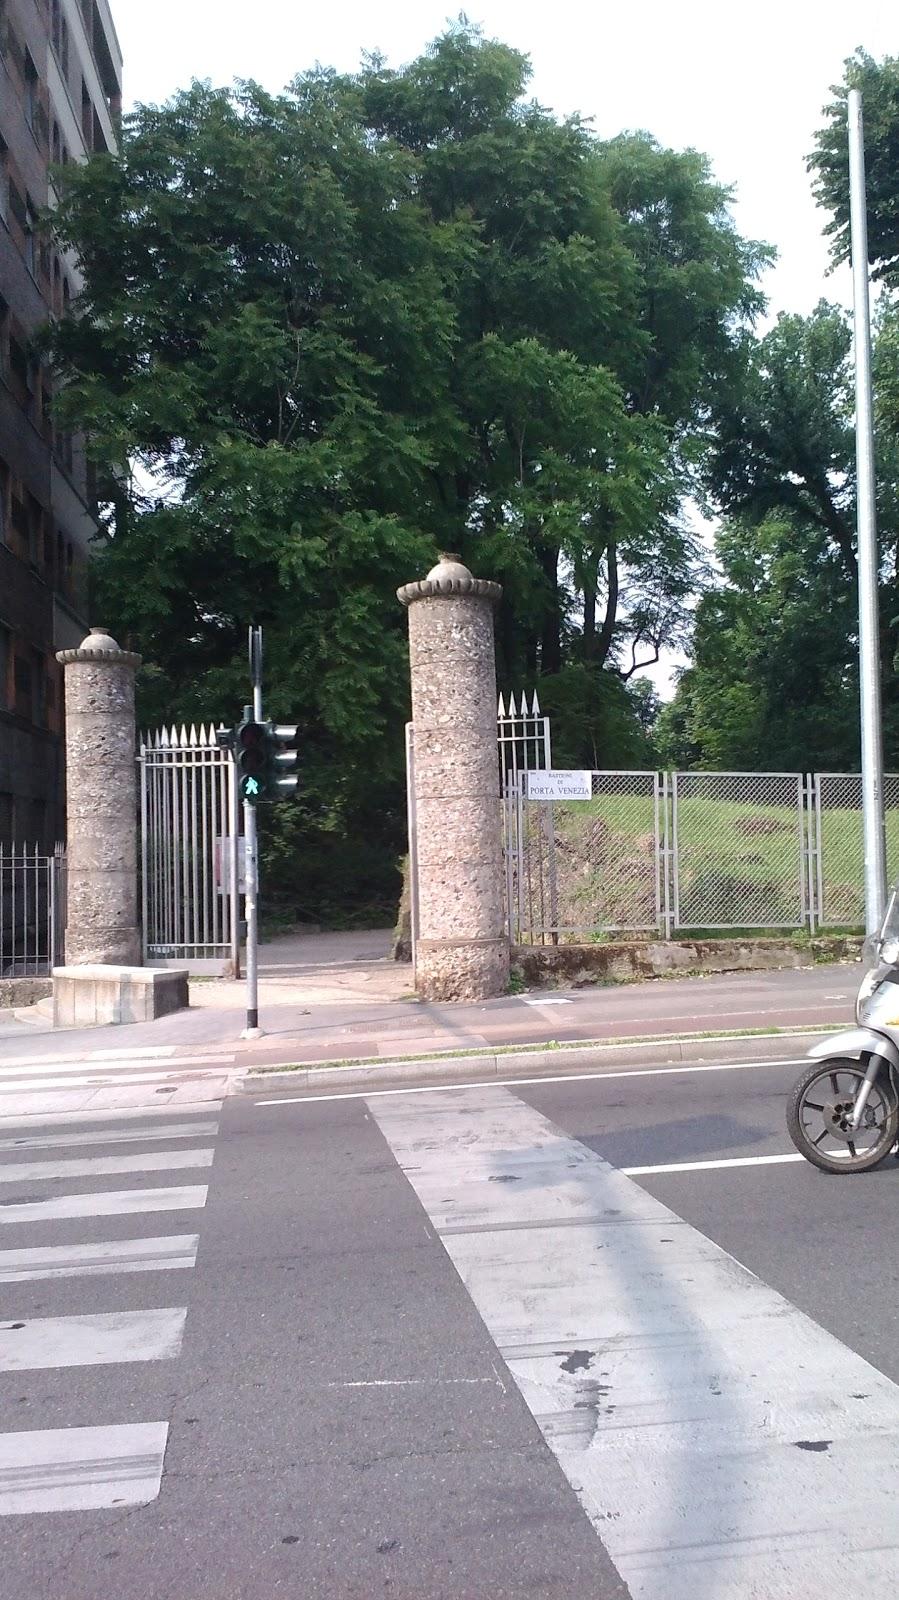 Ai giardini di porta venezia - Parco di porta venezia ...